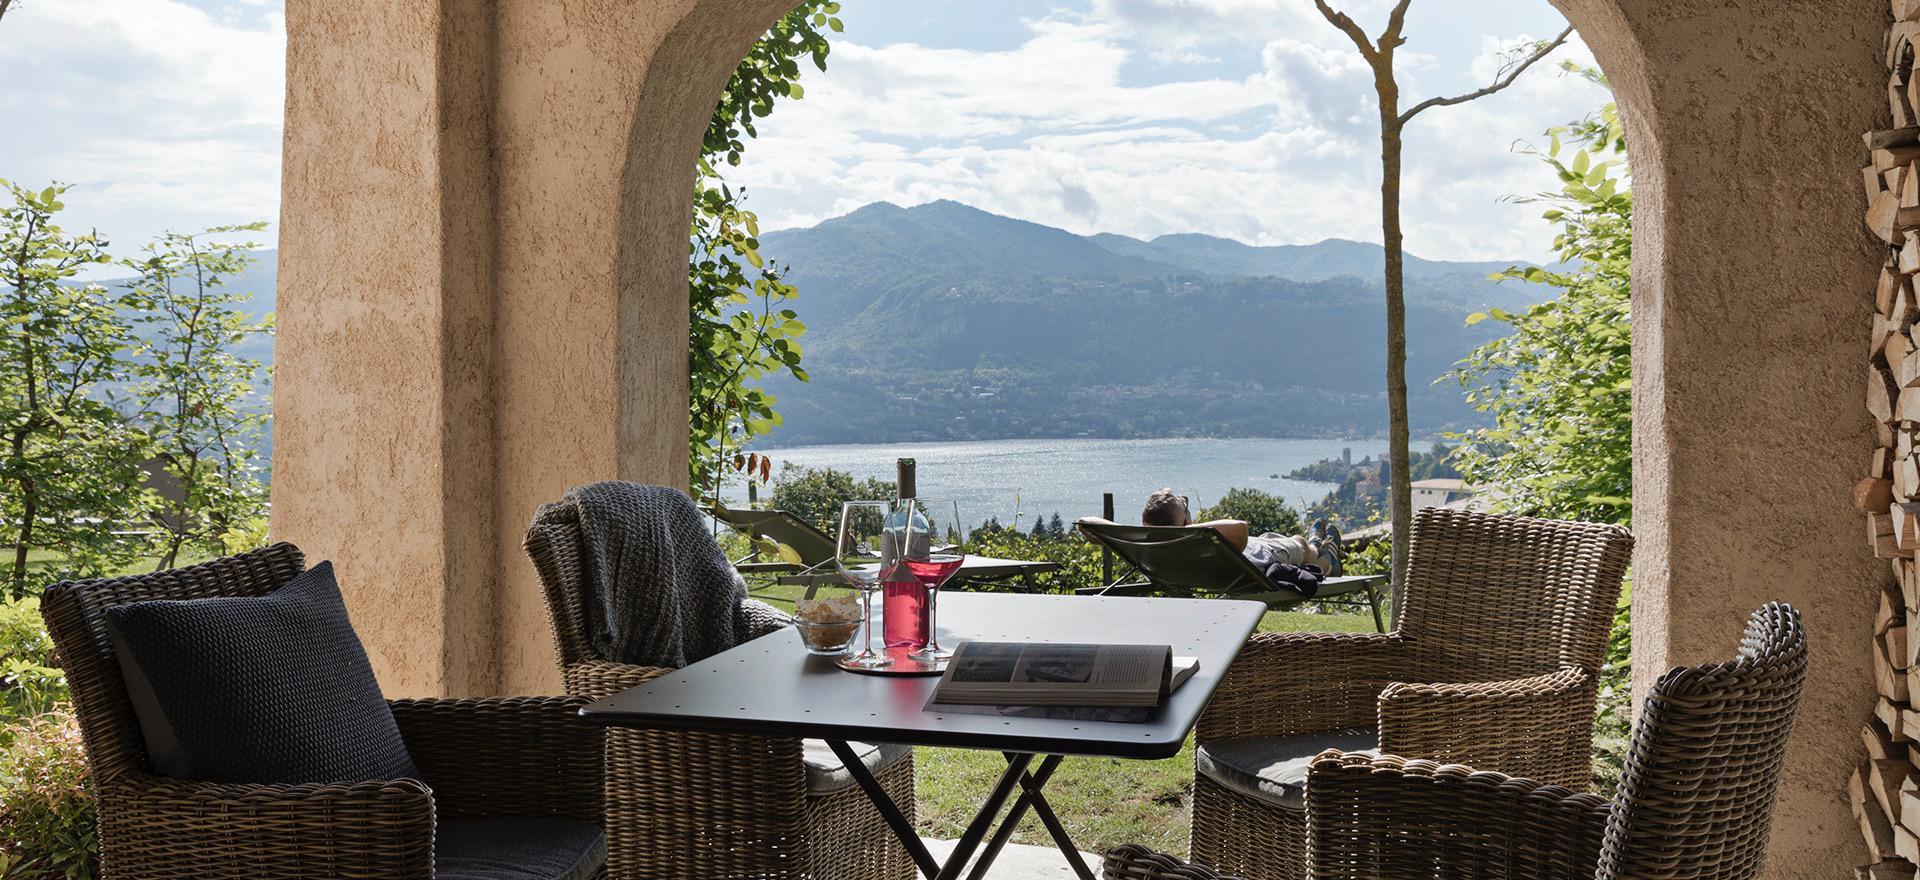 Agriturismo Lago Maggiore, luxe en uitzonderlijk uitzicht